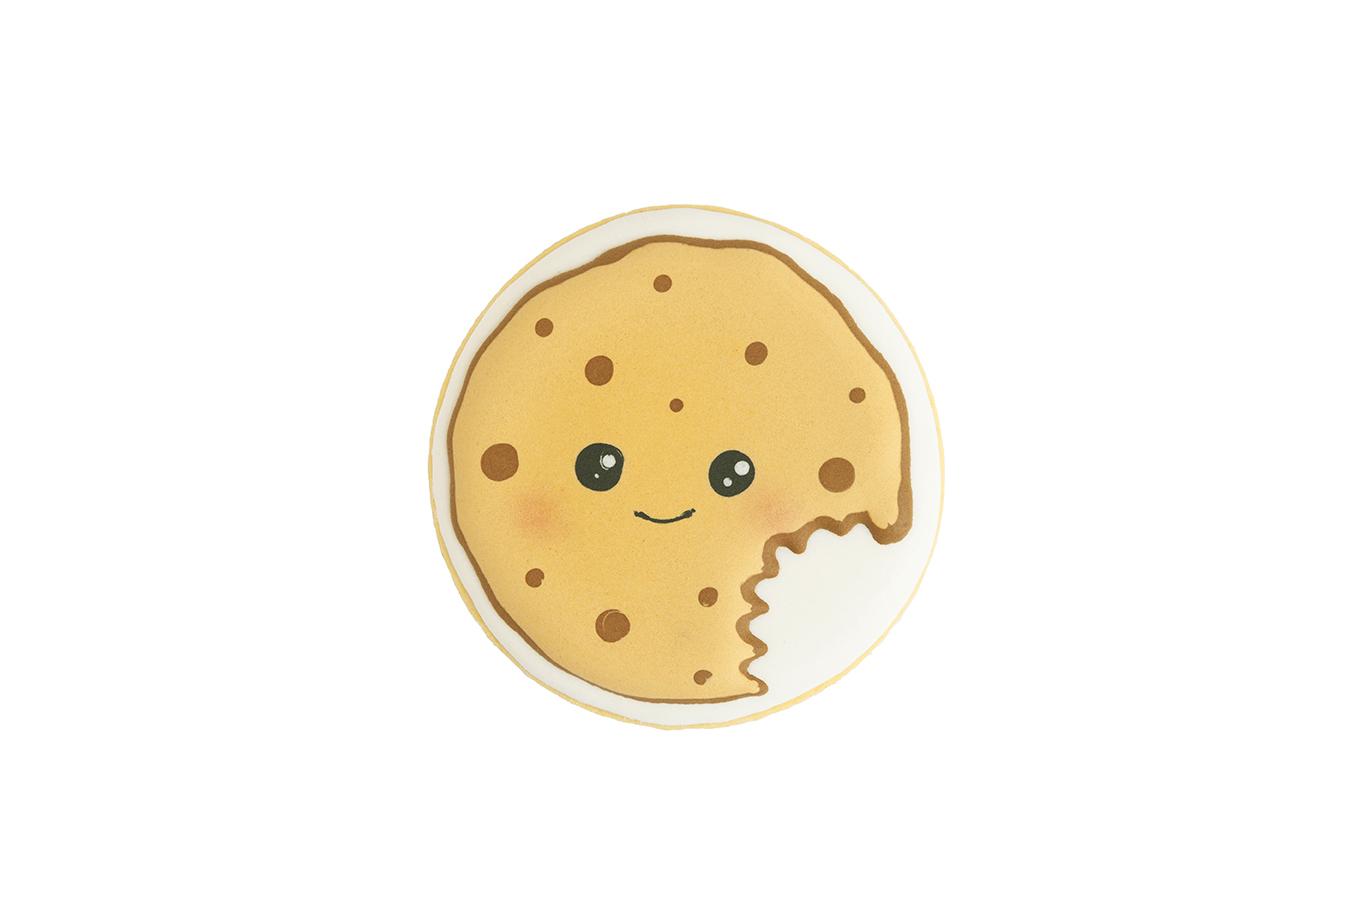 181126 - Cookie.jpg